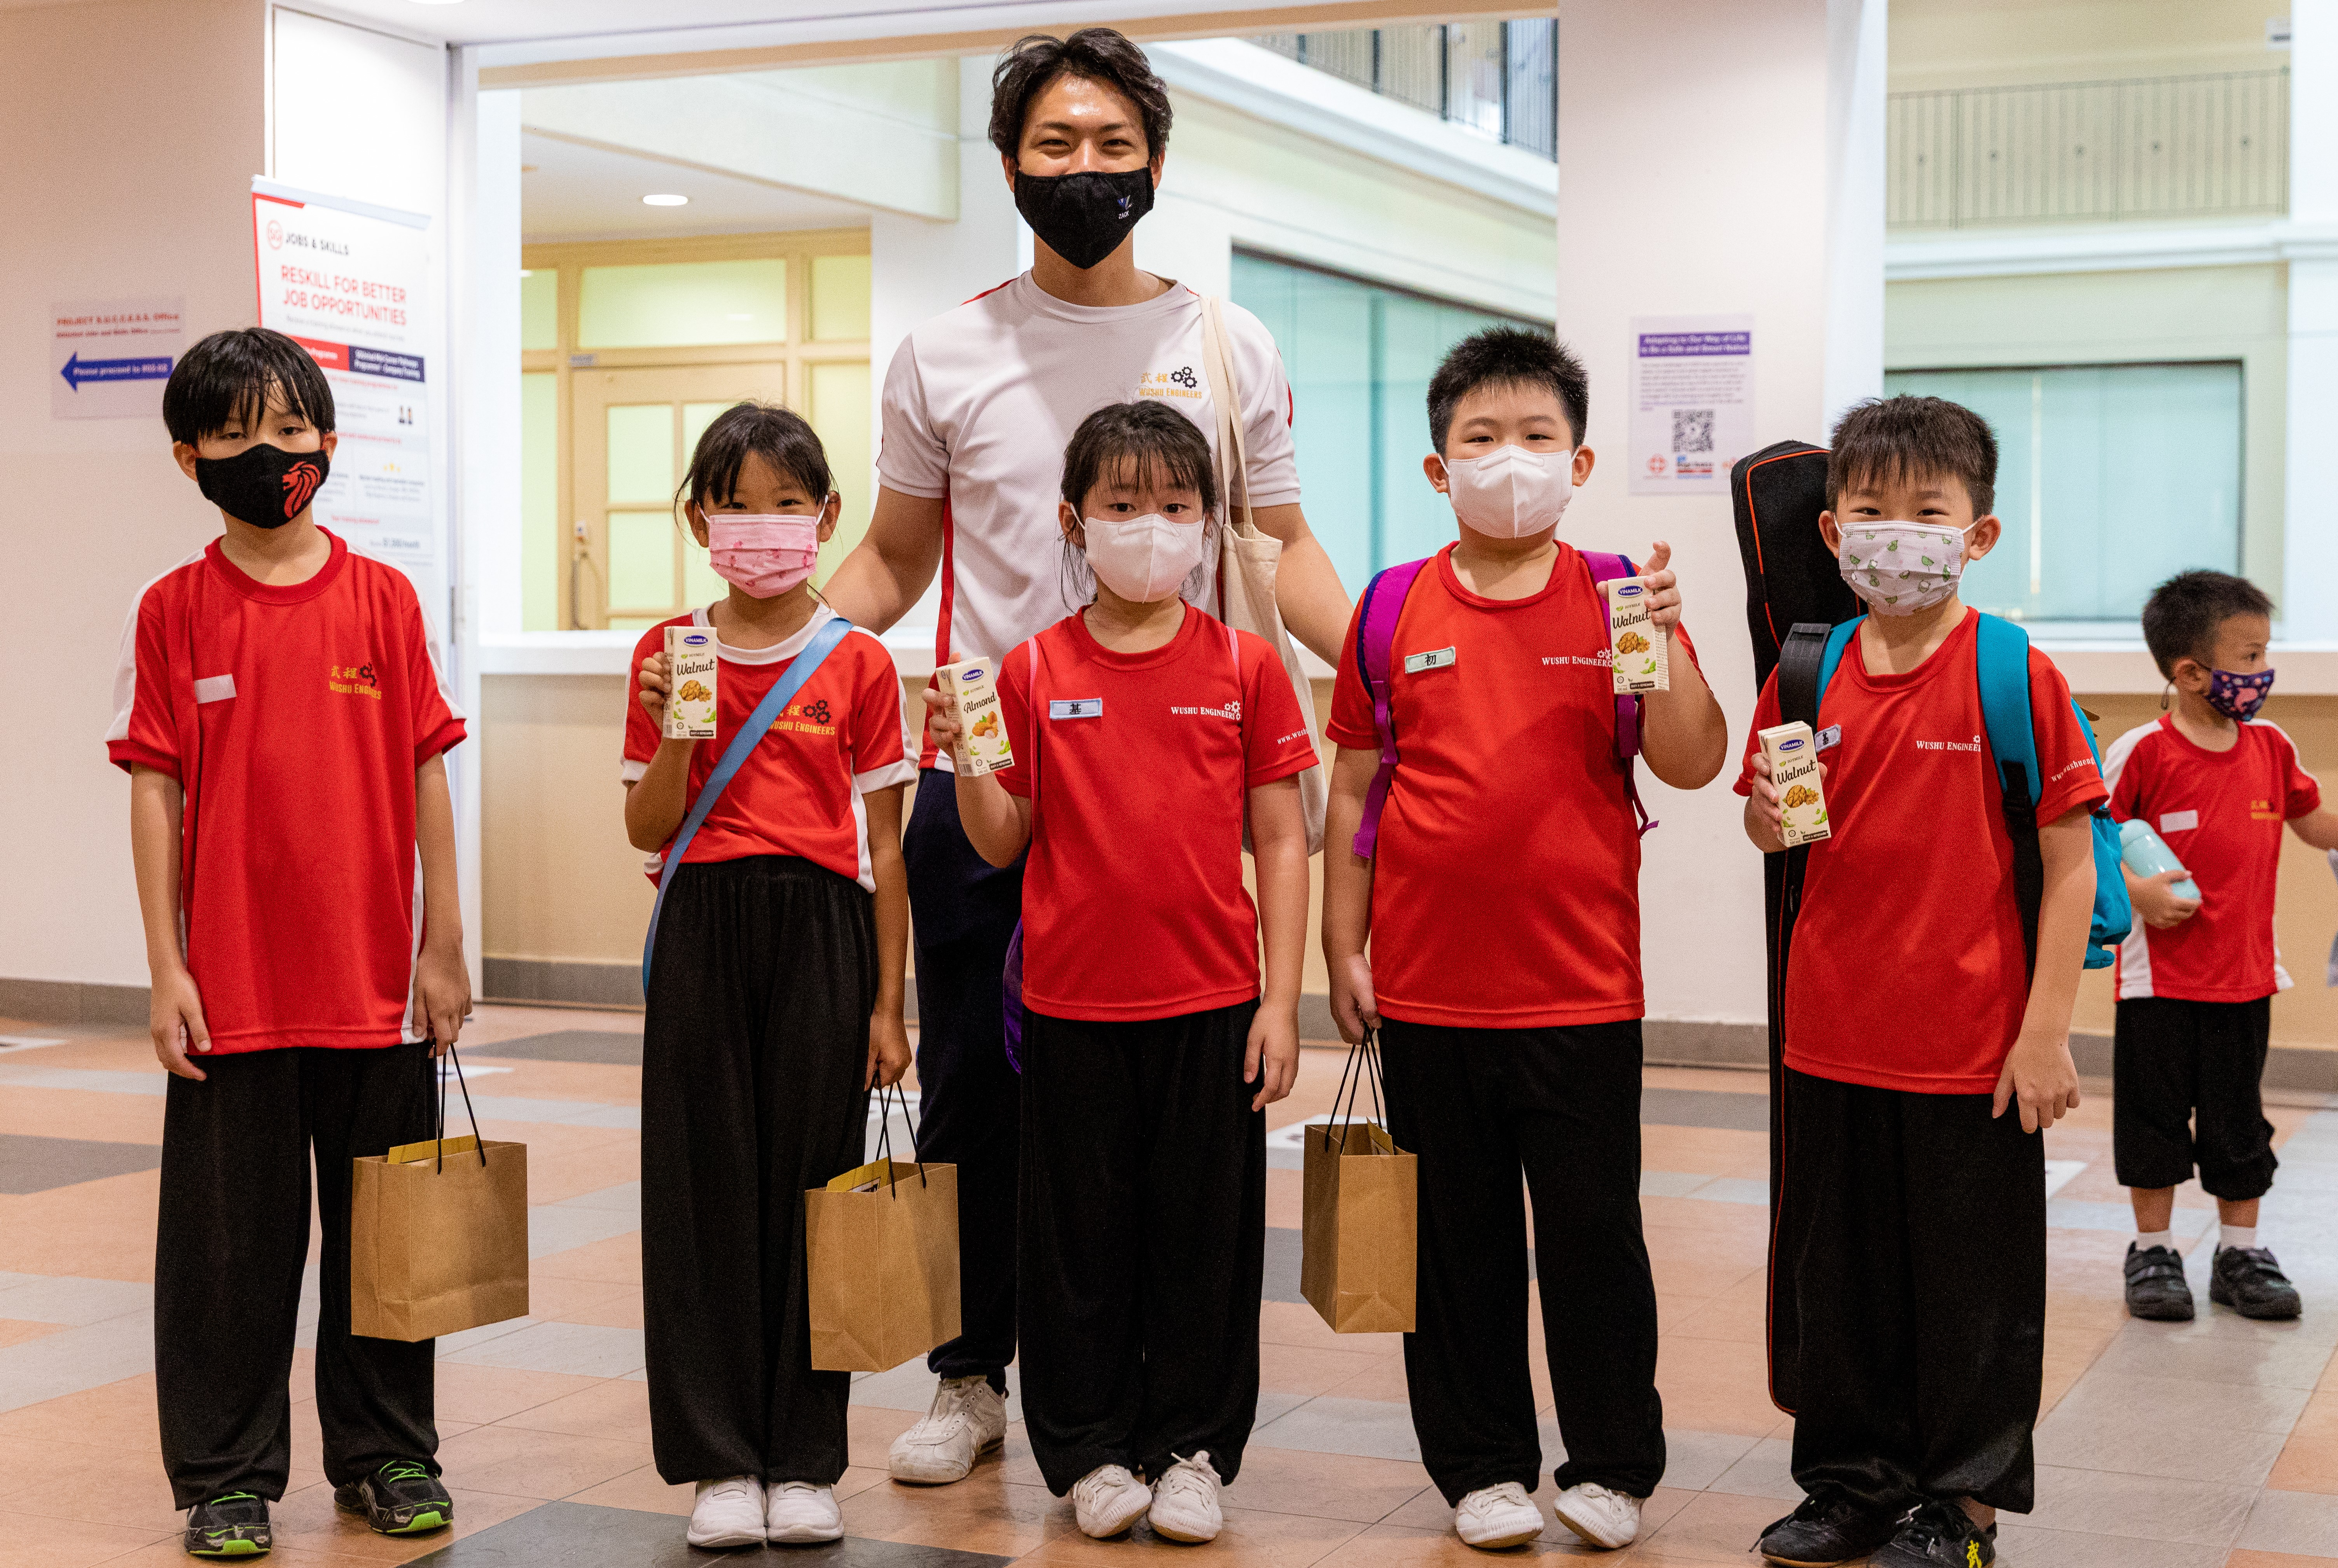 Vinamilk đồng hành với các hoạt động cộng đồng tại Singapore để quảng bá cho thương hiệu và sản phẩm